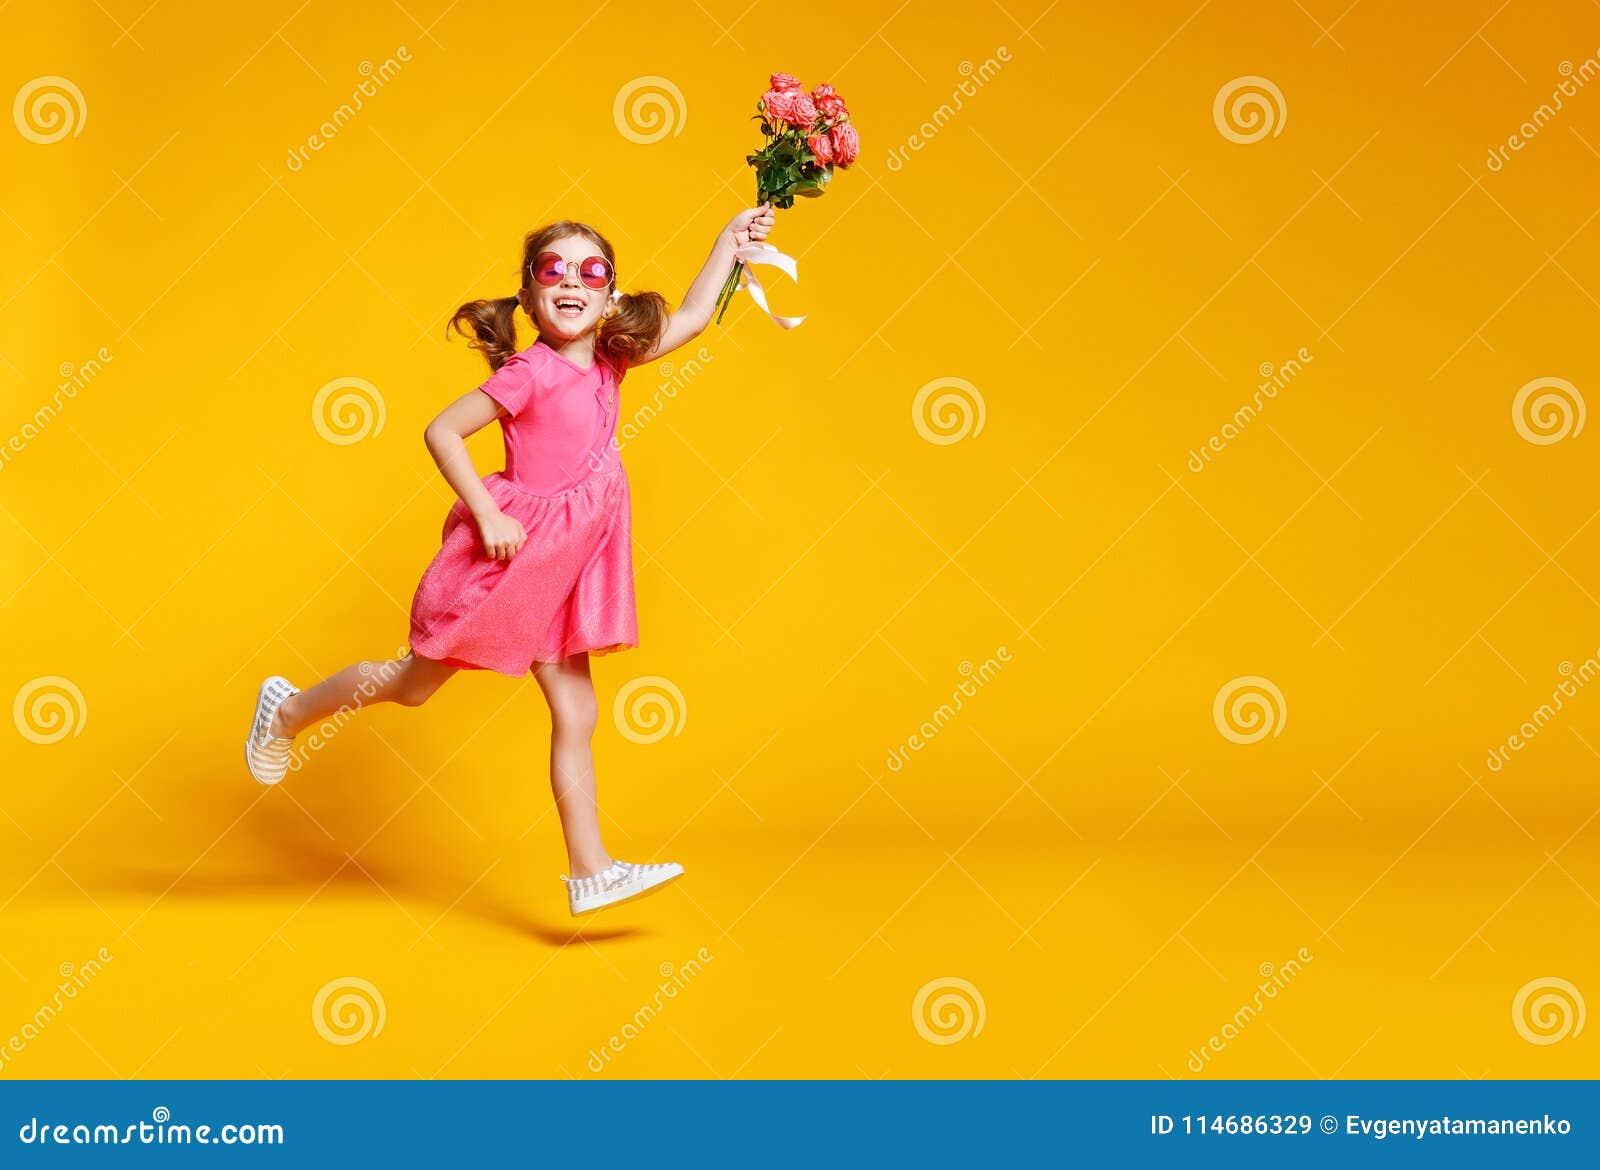 Lustiges Kindermädchen läuft und springt mit Blumenstrauß von Blumen auf Farbe